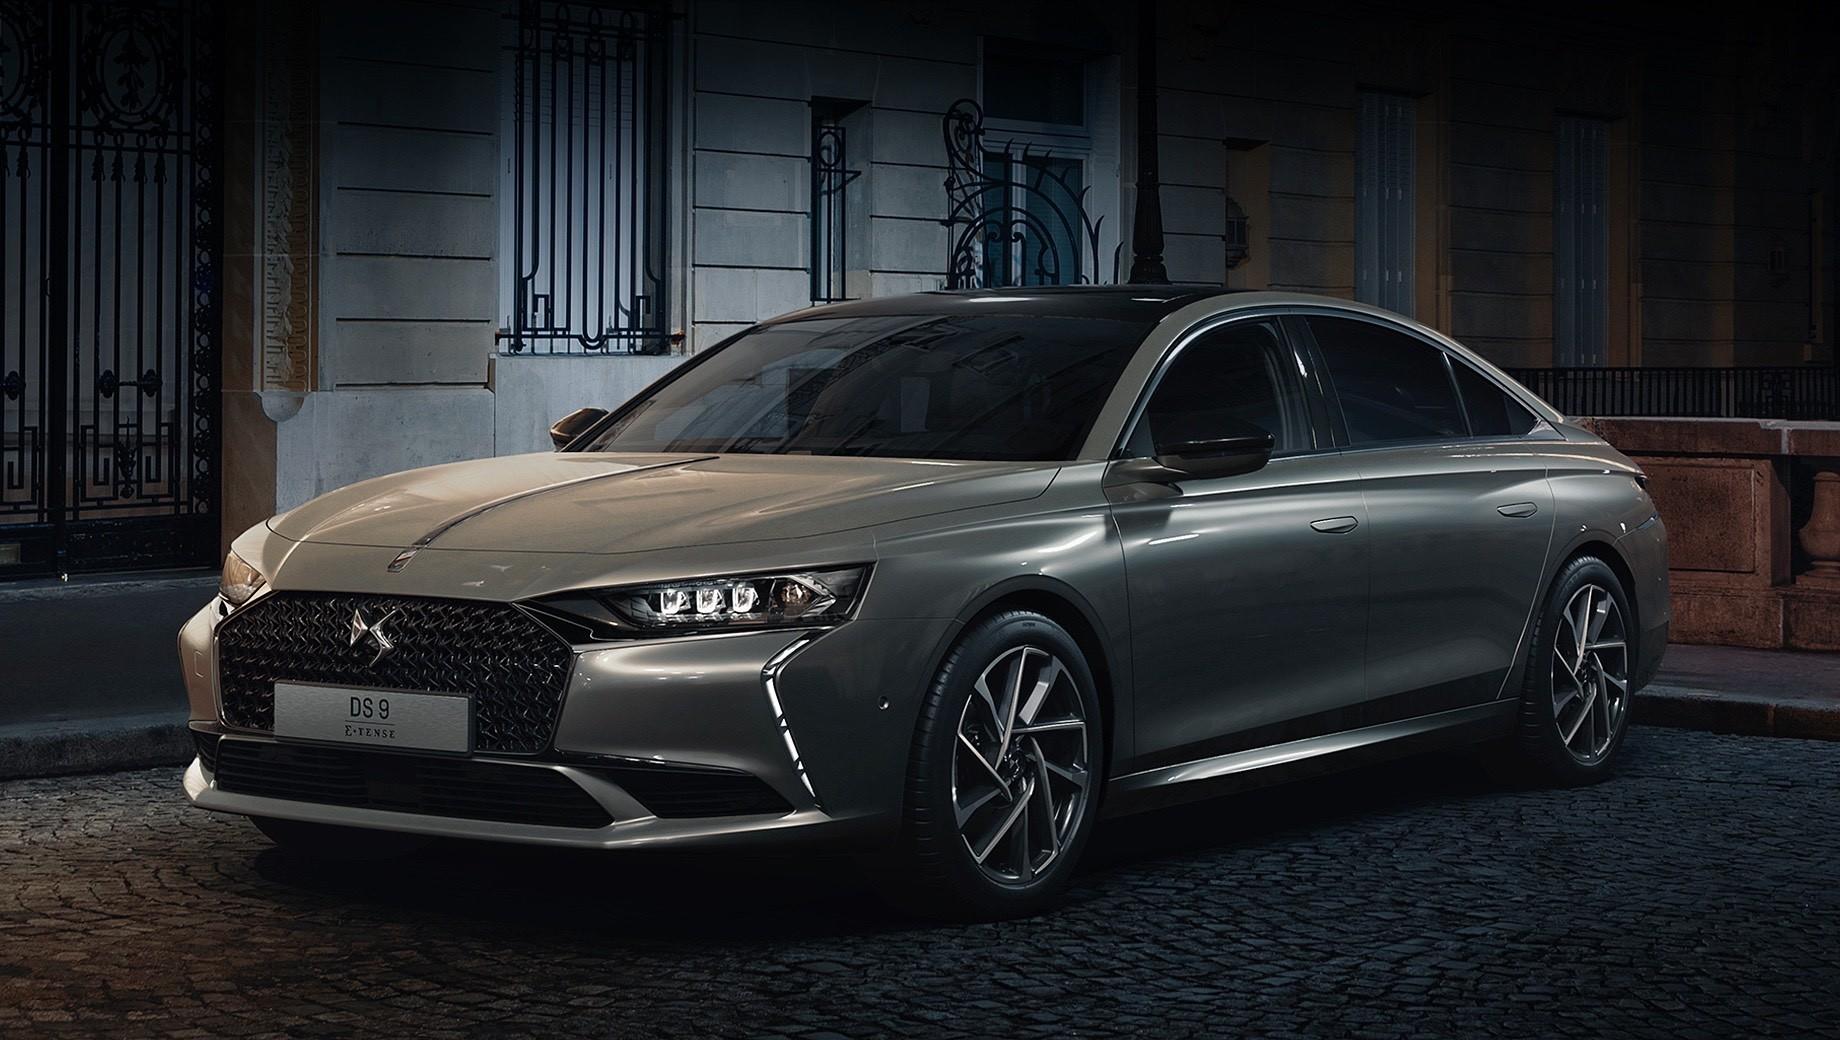 Ds 9,Ds 9 e-tense. Покупателям во Франции DS 9 доступен в двух исполнениях — Performance Line+ и Rivoli +. Отличия кроются во внешнем декоре, легкосплавных колёсах, отделке интерьера и оснащении, которое богаче в Rivoli+. В палитре кузова всего пять цветов, 19-дюймовые колёса — базовое оснащение.